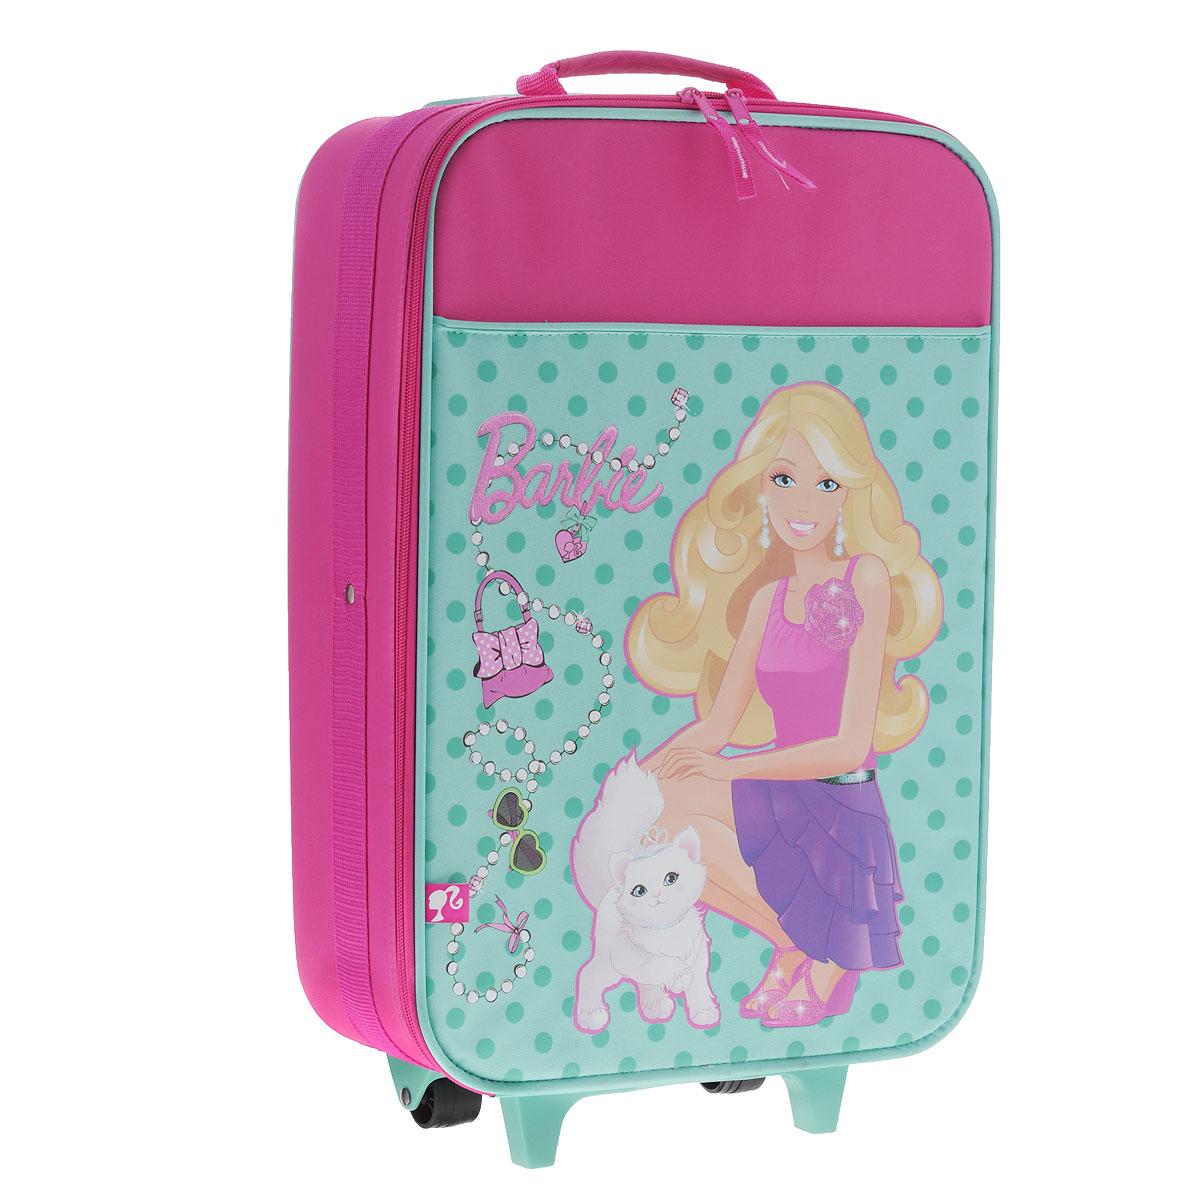 Детский чемодан Barbie, с телескопической ручкой, на колесиках, цвет: розовый, бирюзовыйBRAS-UT-574LДетский чемодан Barbie с телескопической ручкой и на колесиках - это стильный и удобный чемодан, который придется по душе вашей маленькой моднице. Чемодан с пластиковым каркасом изготовлен из плотного материала розового и бирюзового цветов и оформлен аппликациями в виде Барби с белой кошечкой и различных стильных аксессуаров. Чемодан содержит одно вместительное отделение и закрывается крышкой на застежку-молнии с двумя бегунками. Внутри находятся фиксирующие эластичные ремни, скрепляющиеся пластиковой защелкой. На внутренней стороне крышки имеется большой сетчатый карман без застежки. Удобная выдвижная ручка и колесики облегчают транспортировку чемодана. Также изделие оснащено двумя текстильными ручками (наверху и сбоку) для переноски в руке. Пластиковая подножка защитит дно чемодана от загрязнений и продлит его срок службы.